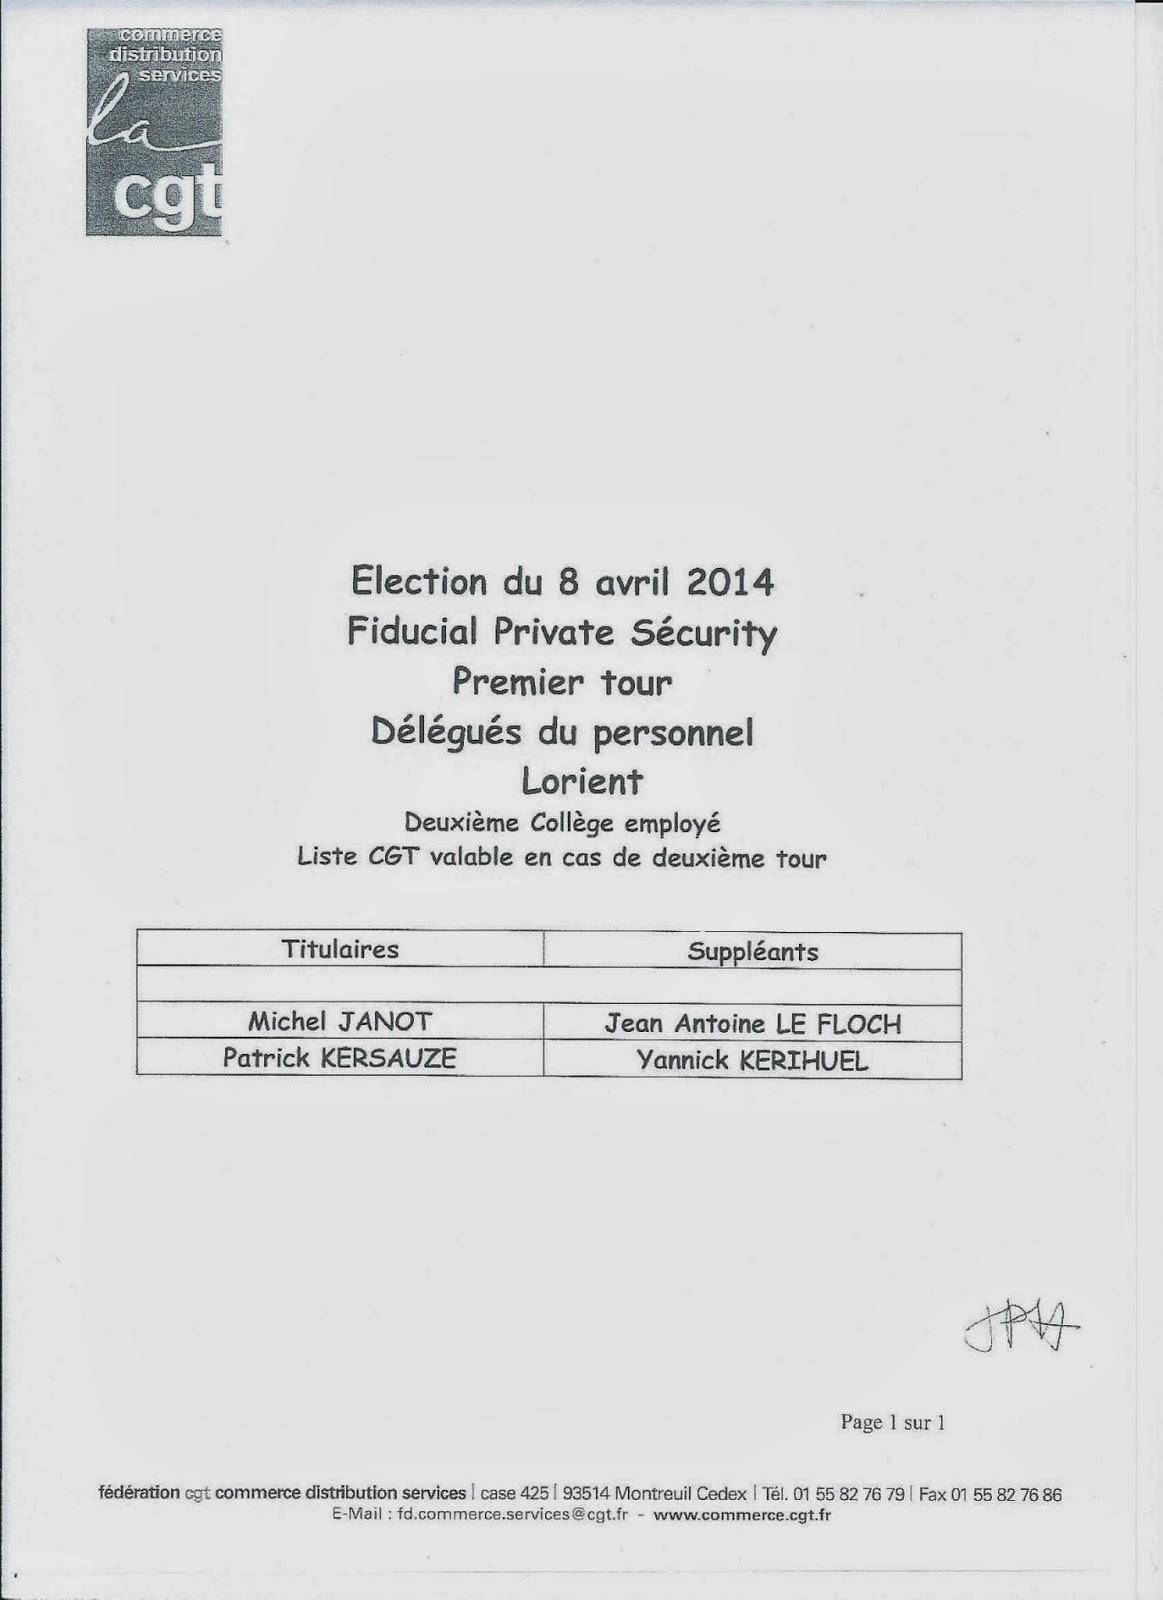 Syndicat Cgt Securite Bretagne Pays De La Loire Elections 08